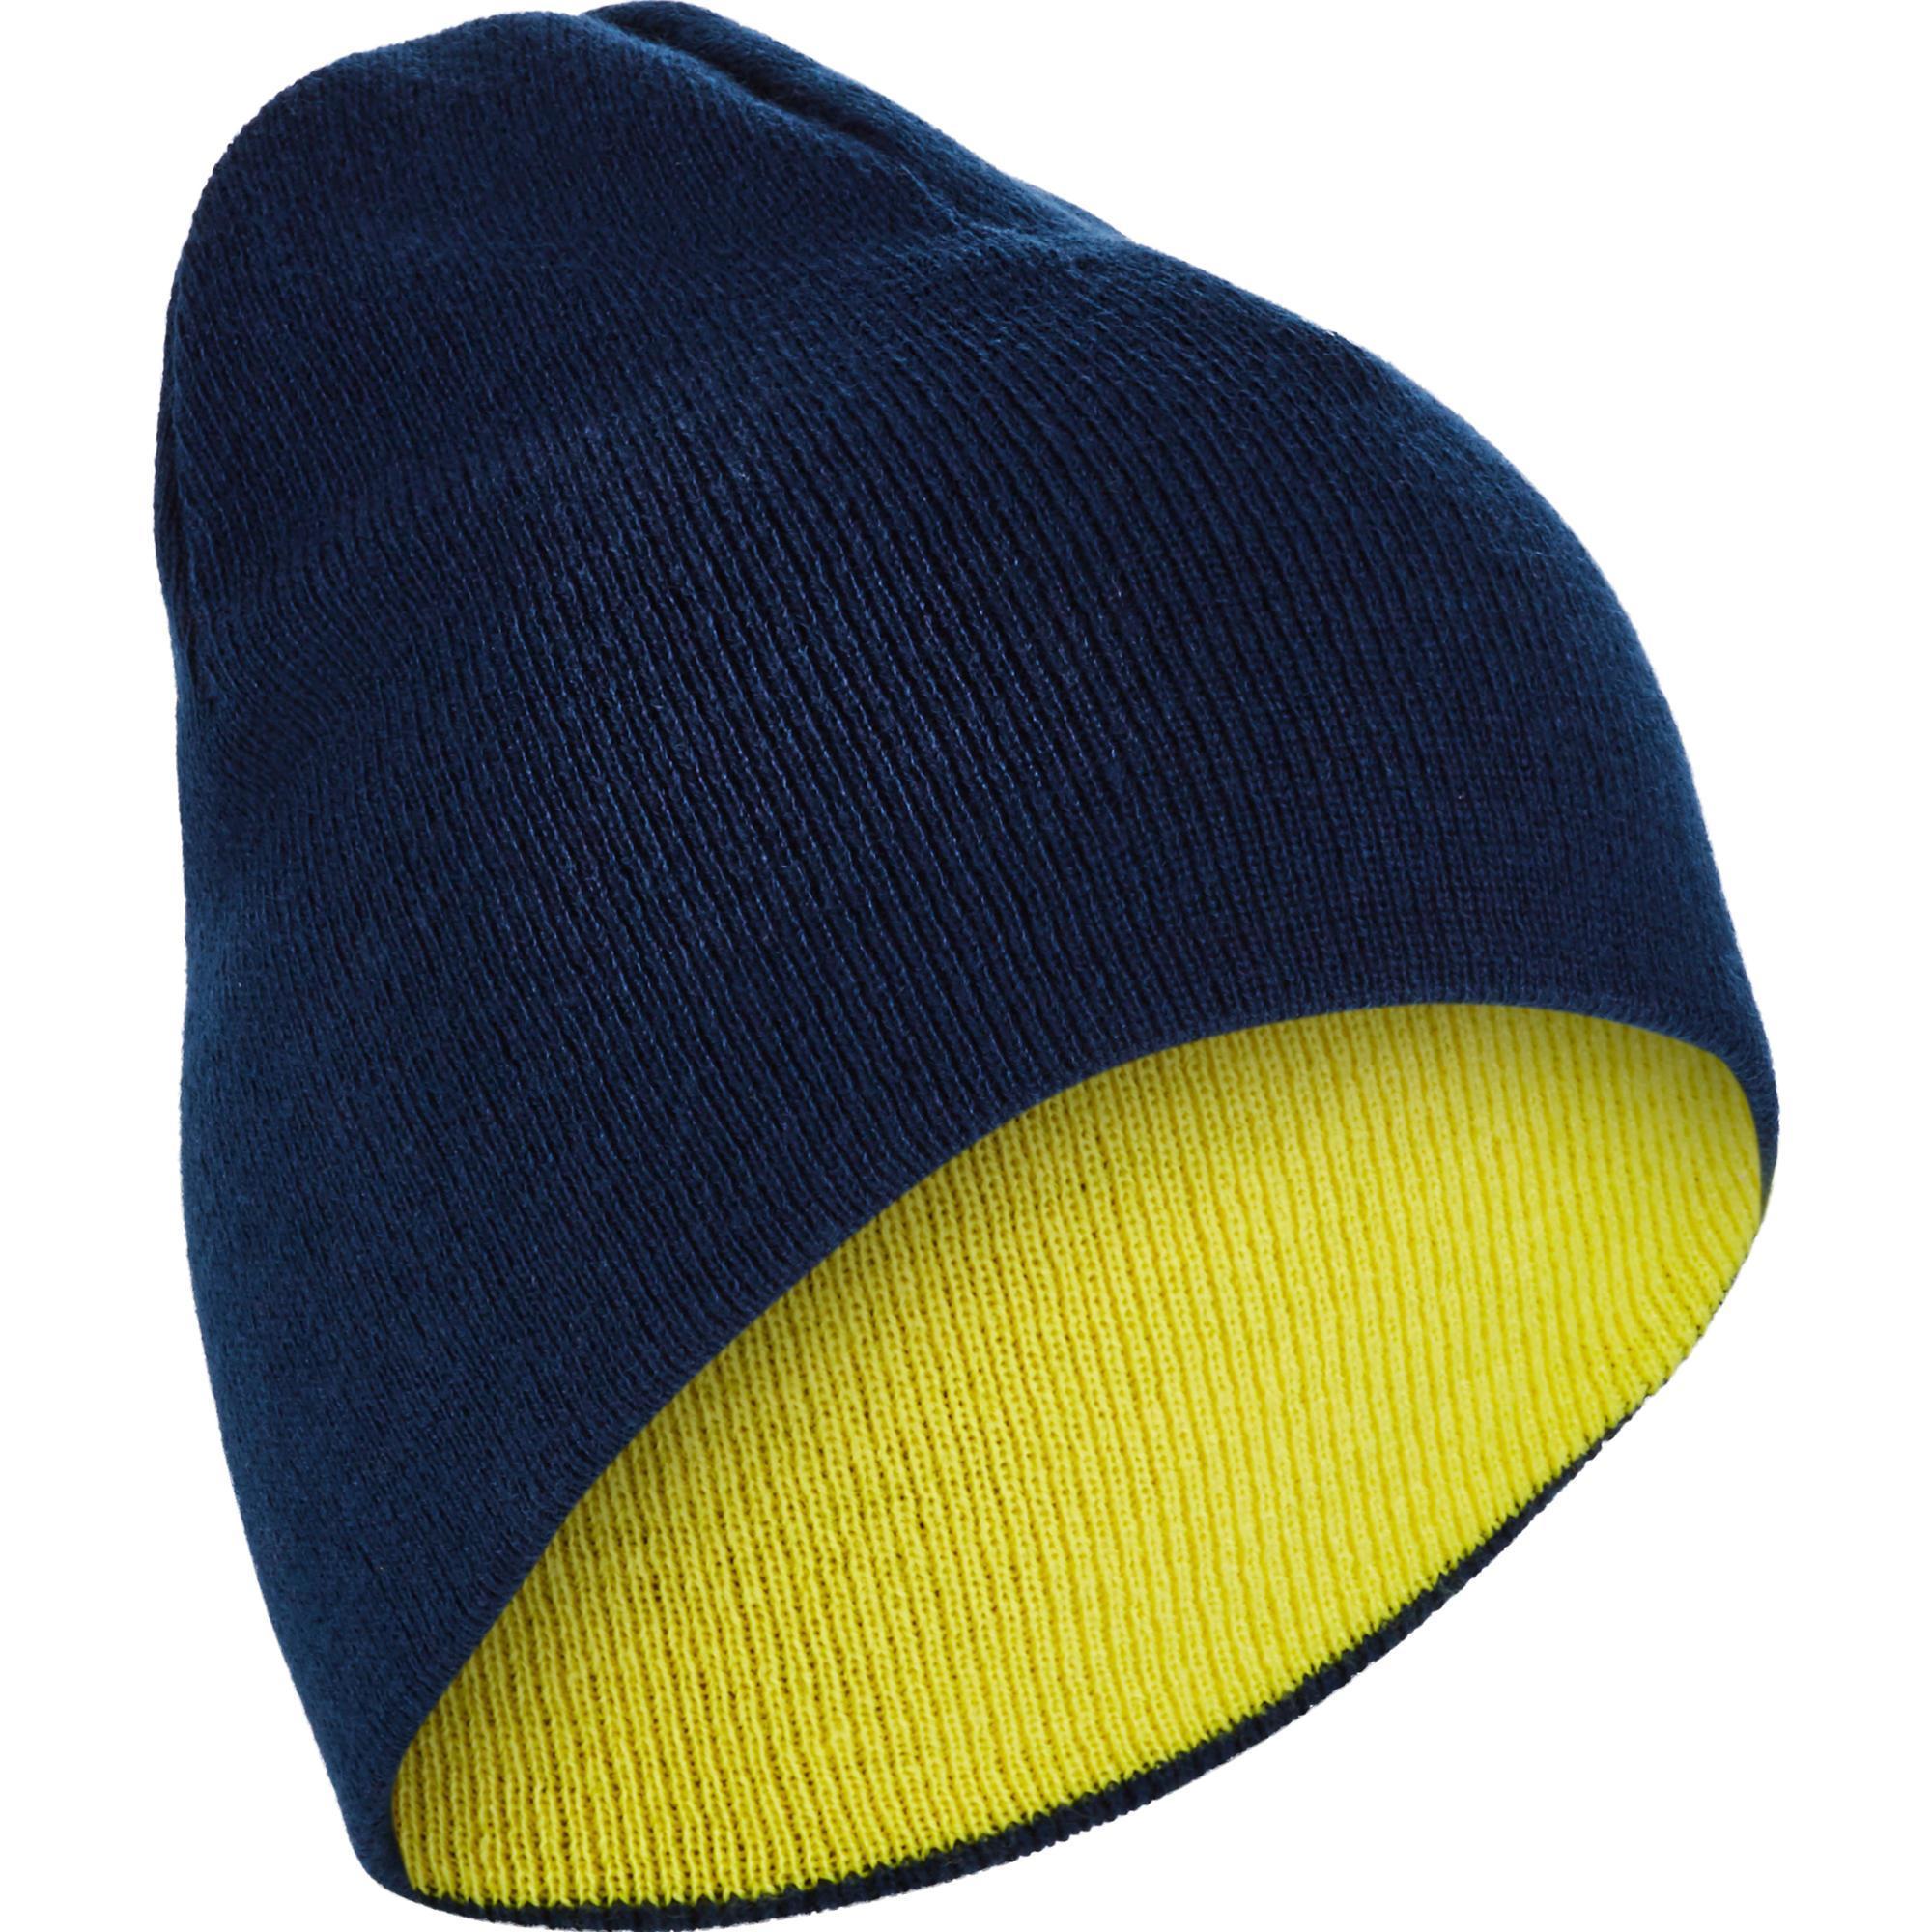 Skimütze wendbar Erwachsene gelb/blau